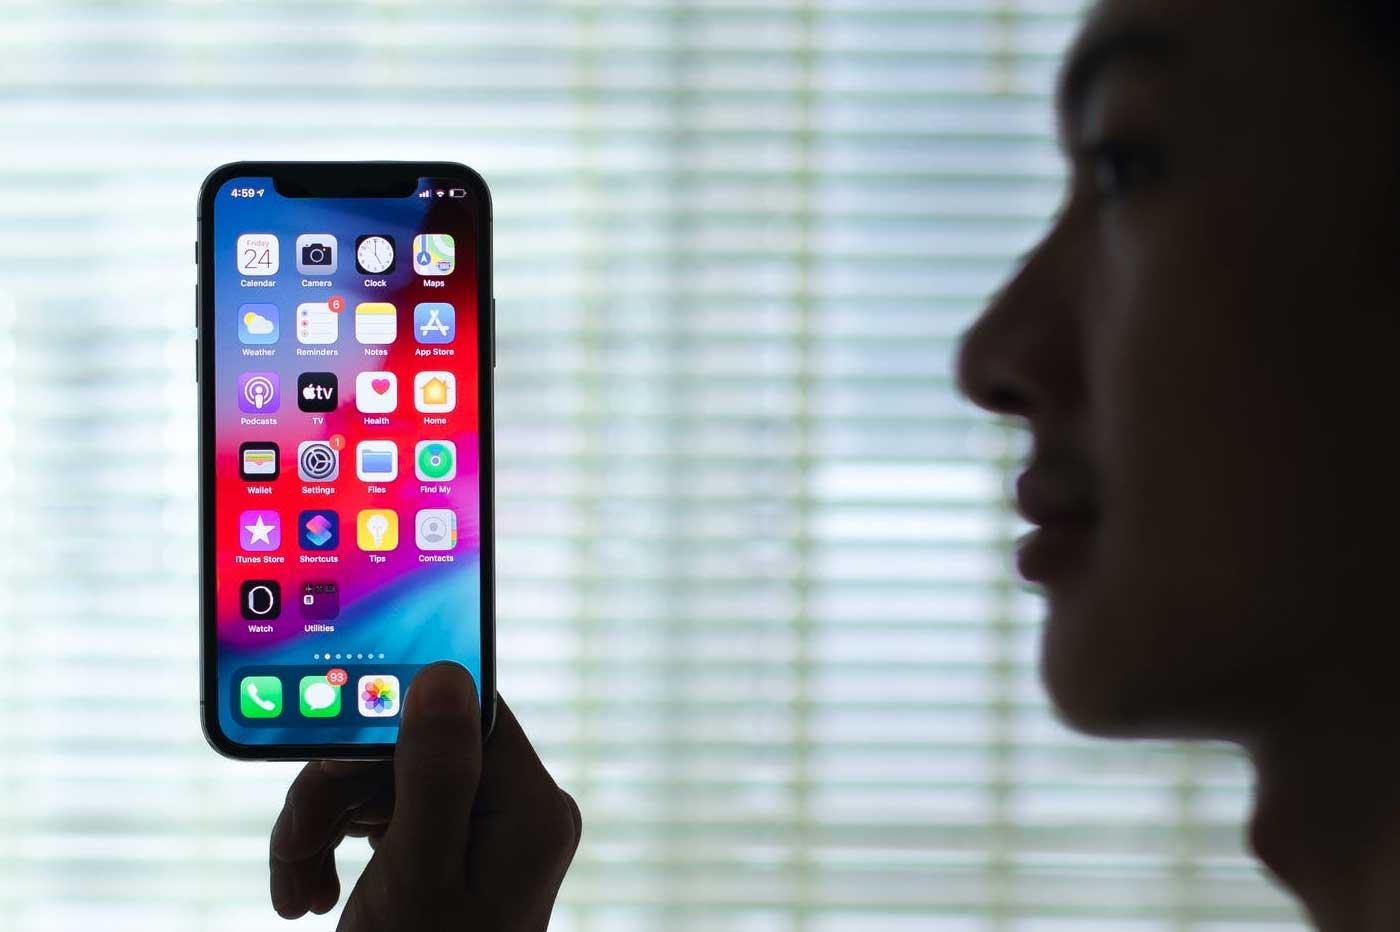 Forfait mobile : marre de payer trop cher ? B&You a un deal choc jusqu'à minuit 🔥 - Presse-citron